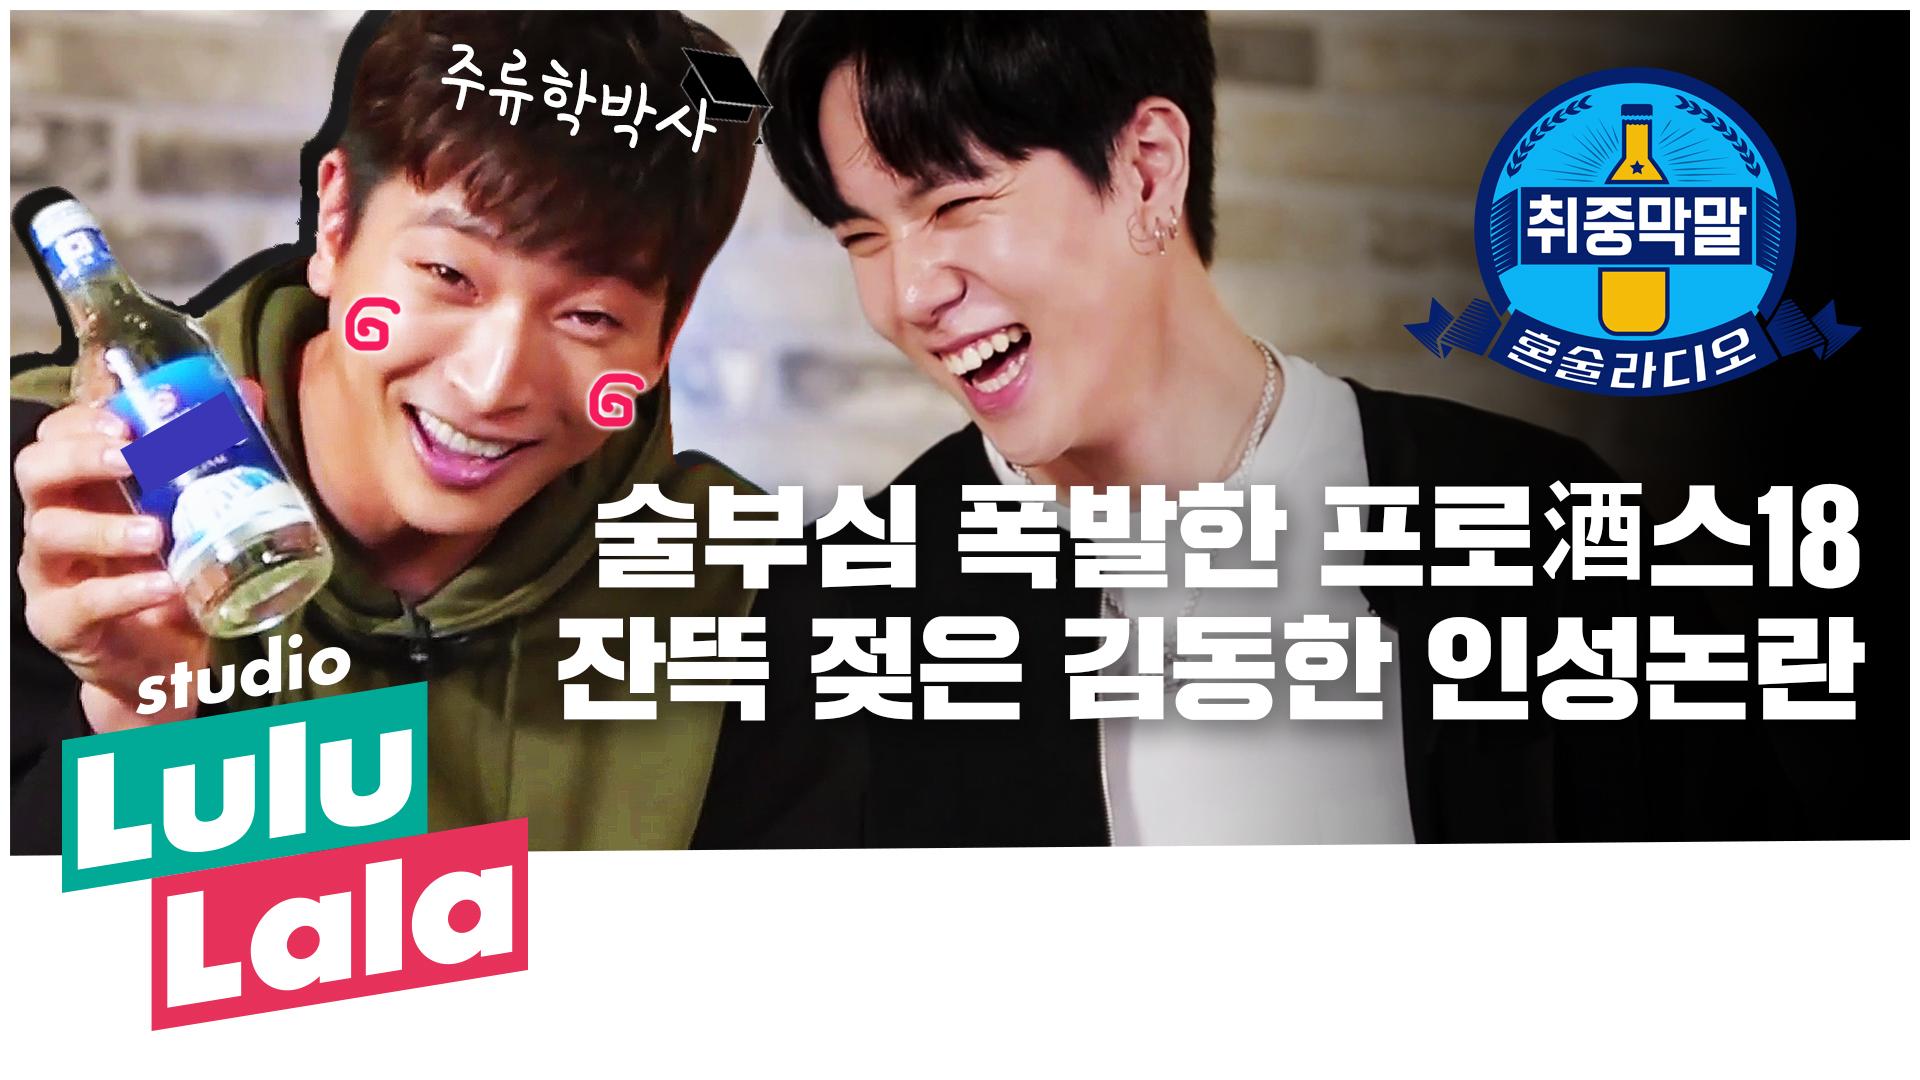 [취중막말] ep.4 술부심 폭발한 프로酒스18 잔뜩 젖은 김동한 인성논란